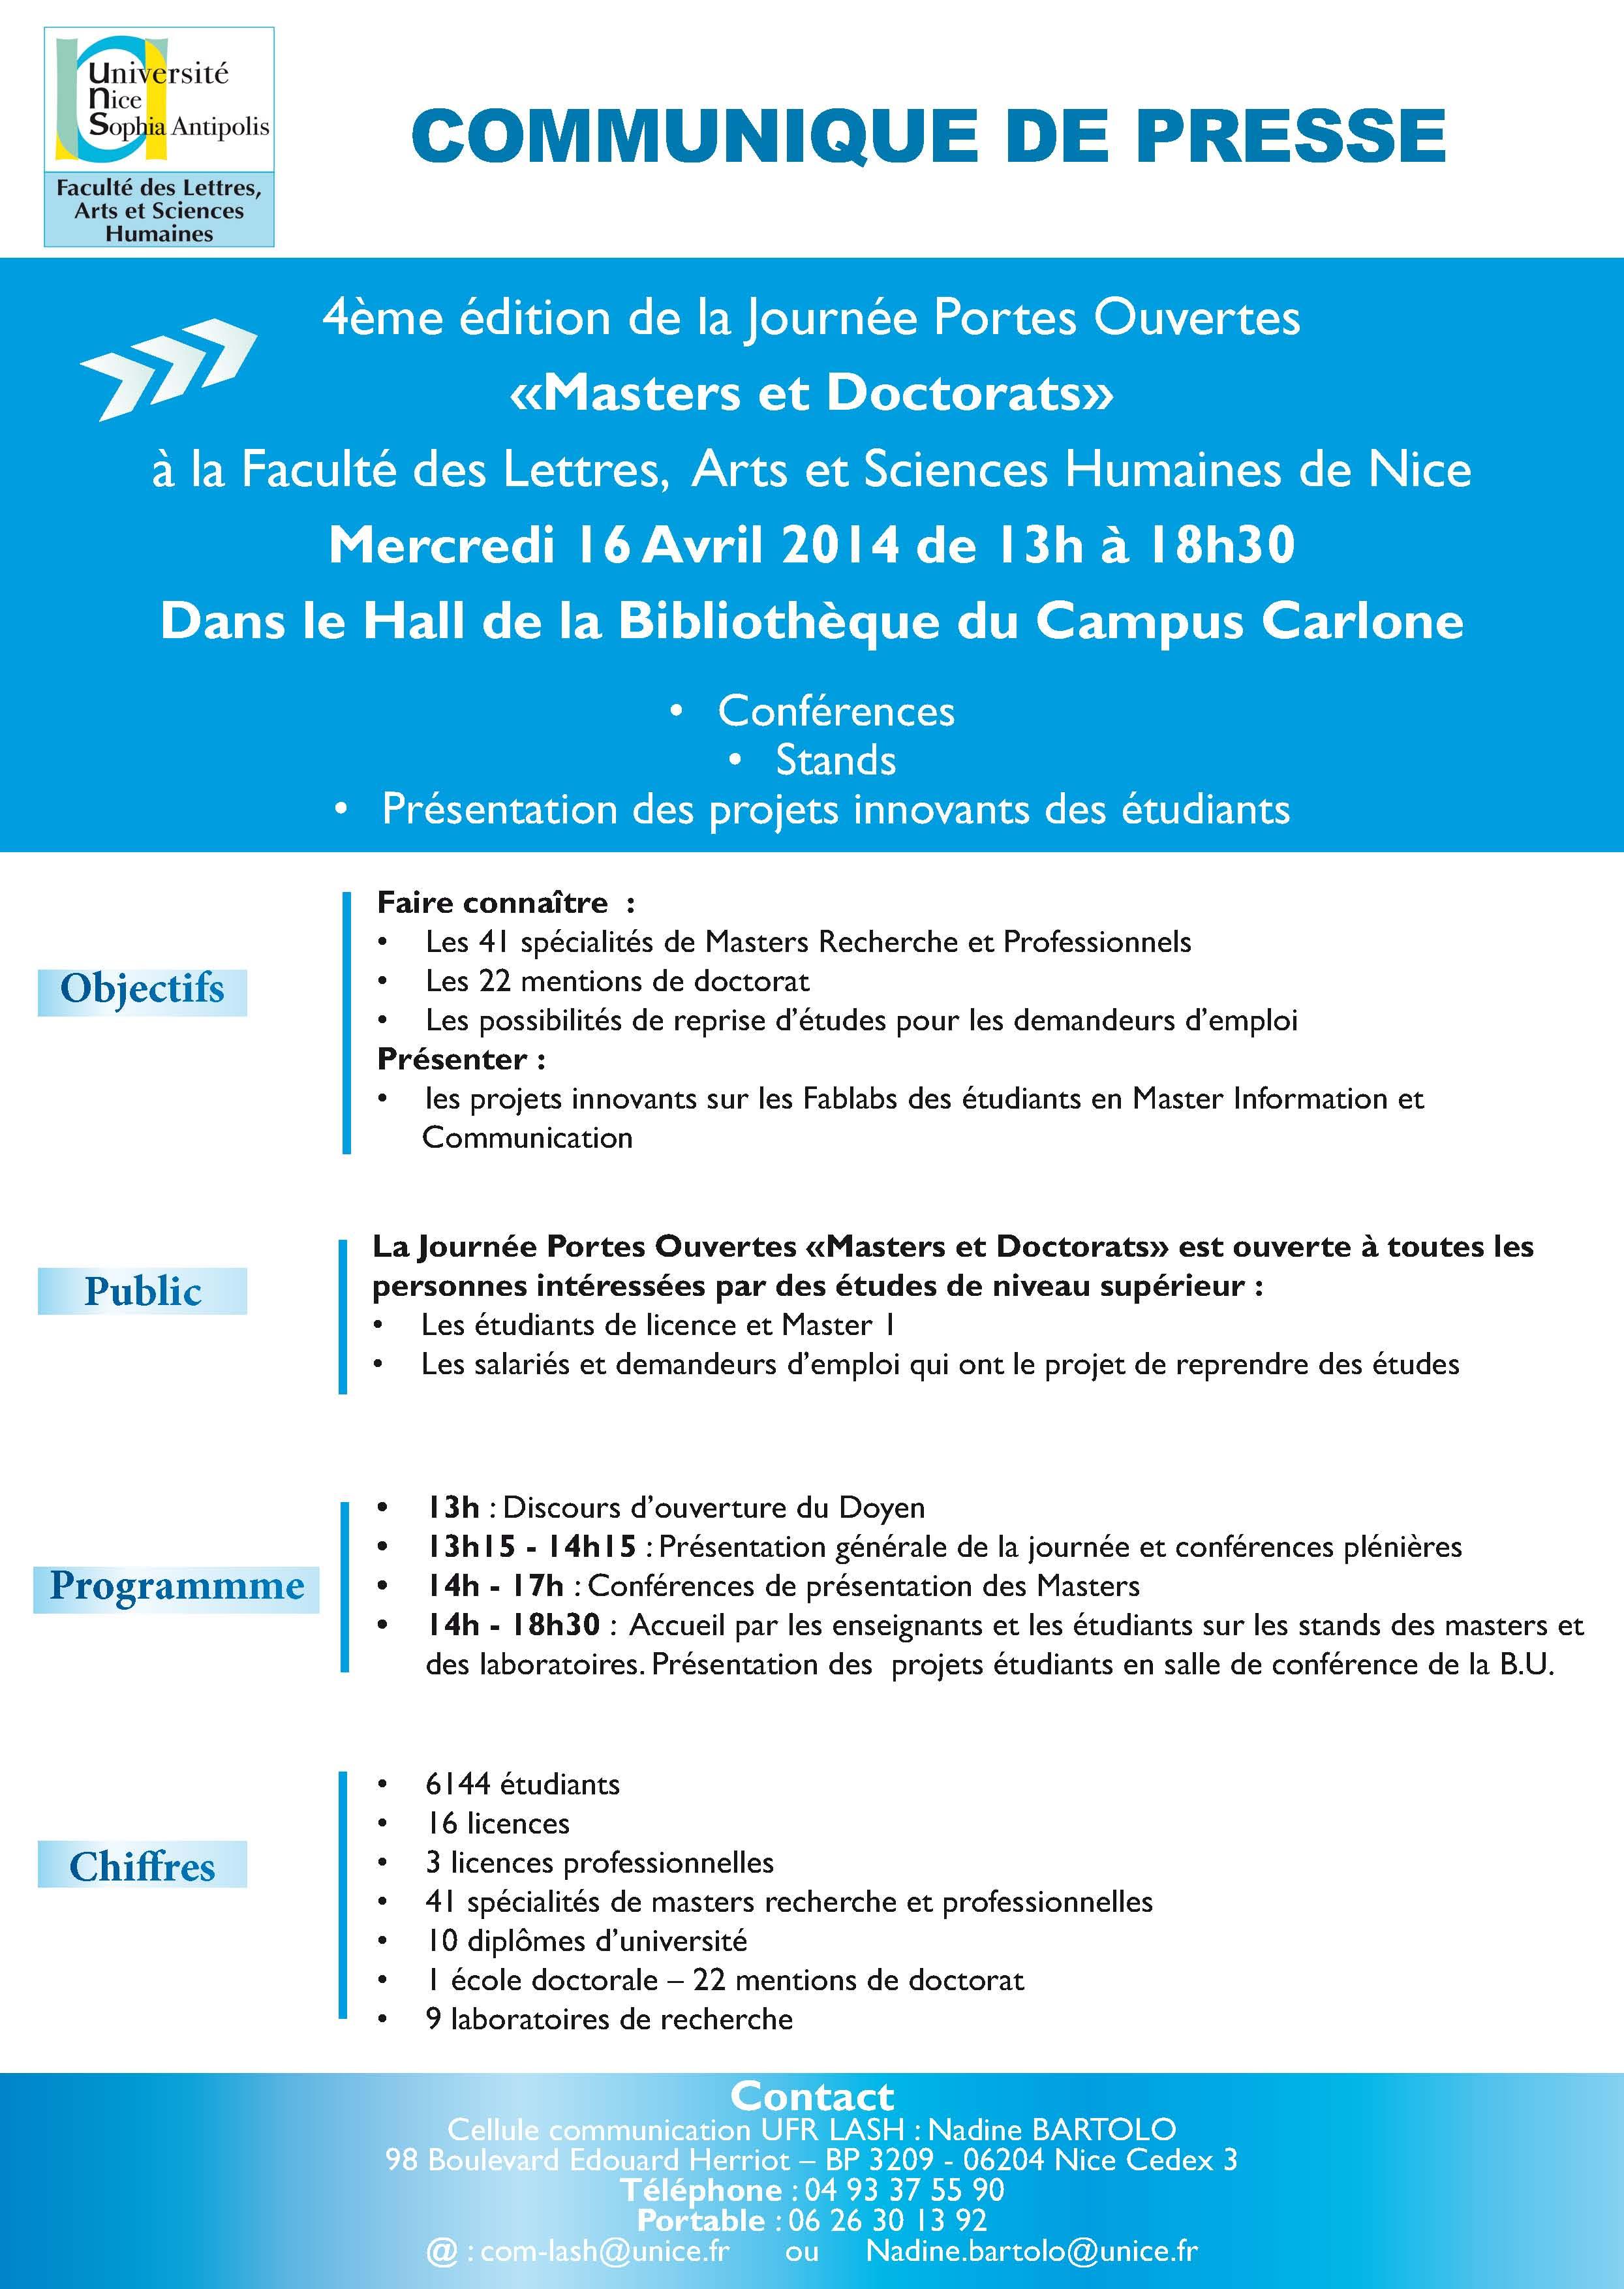 Journ e portes ouvertes masters et doctorats 2014 - Communique de presse portes ouvertes ...